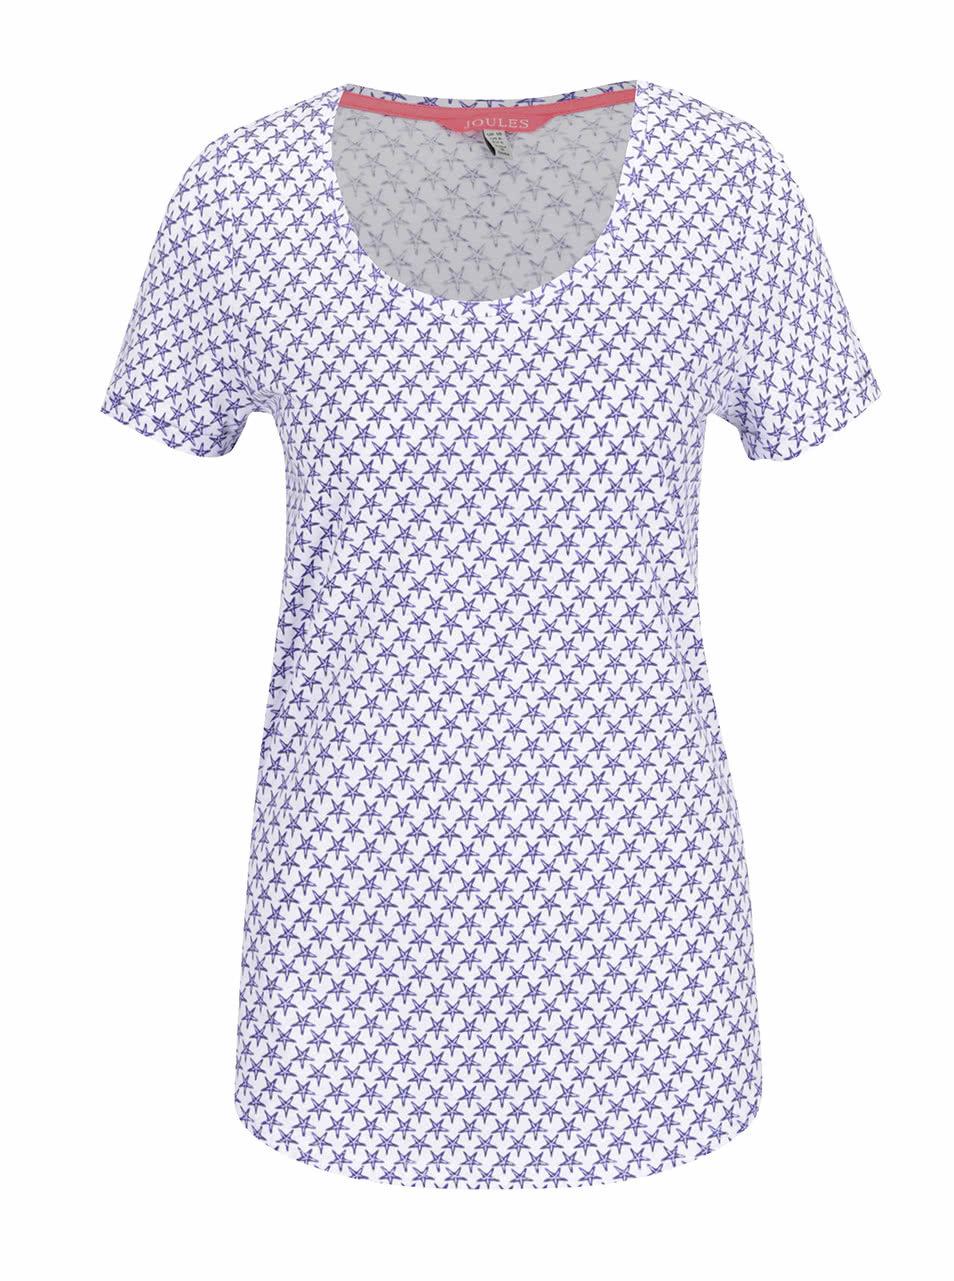 ef1b6a0794 Modro-biele dámske tričko s potlačou hviezd Tom Joule Daily Print ...